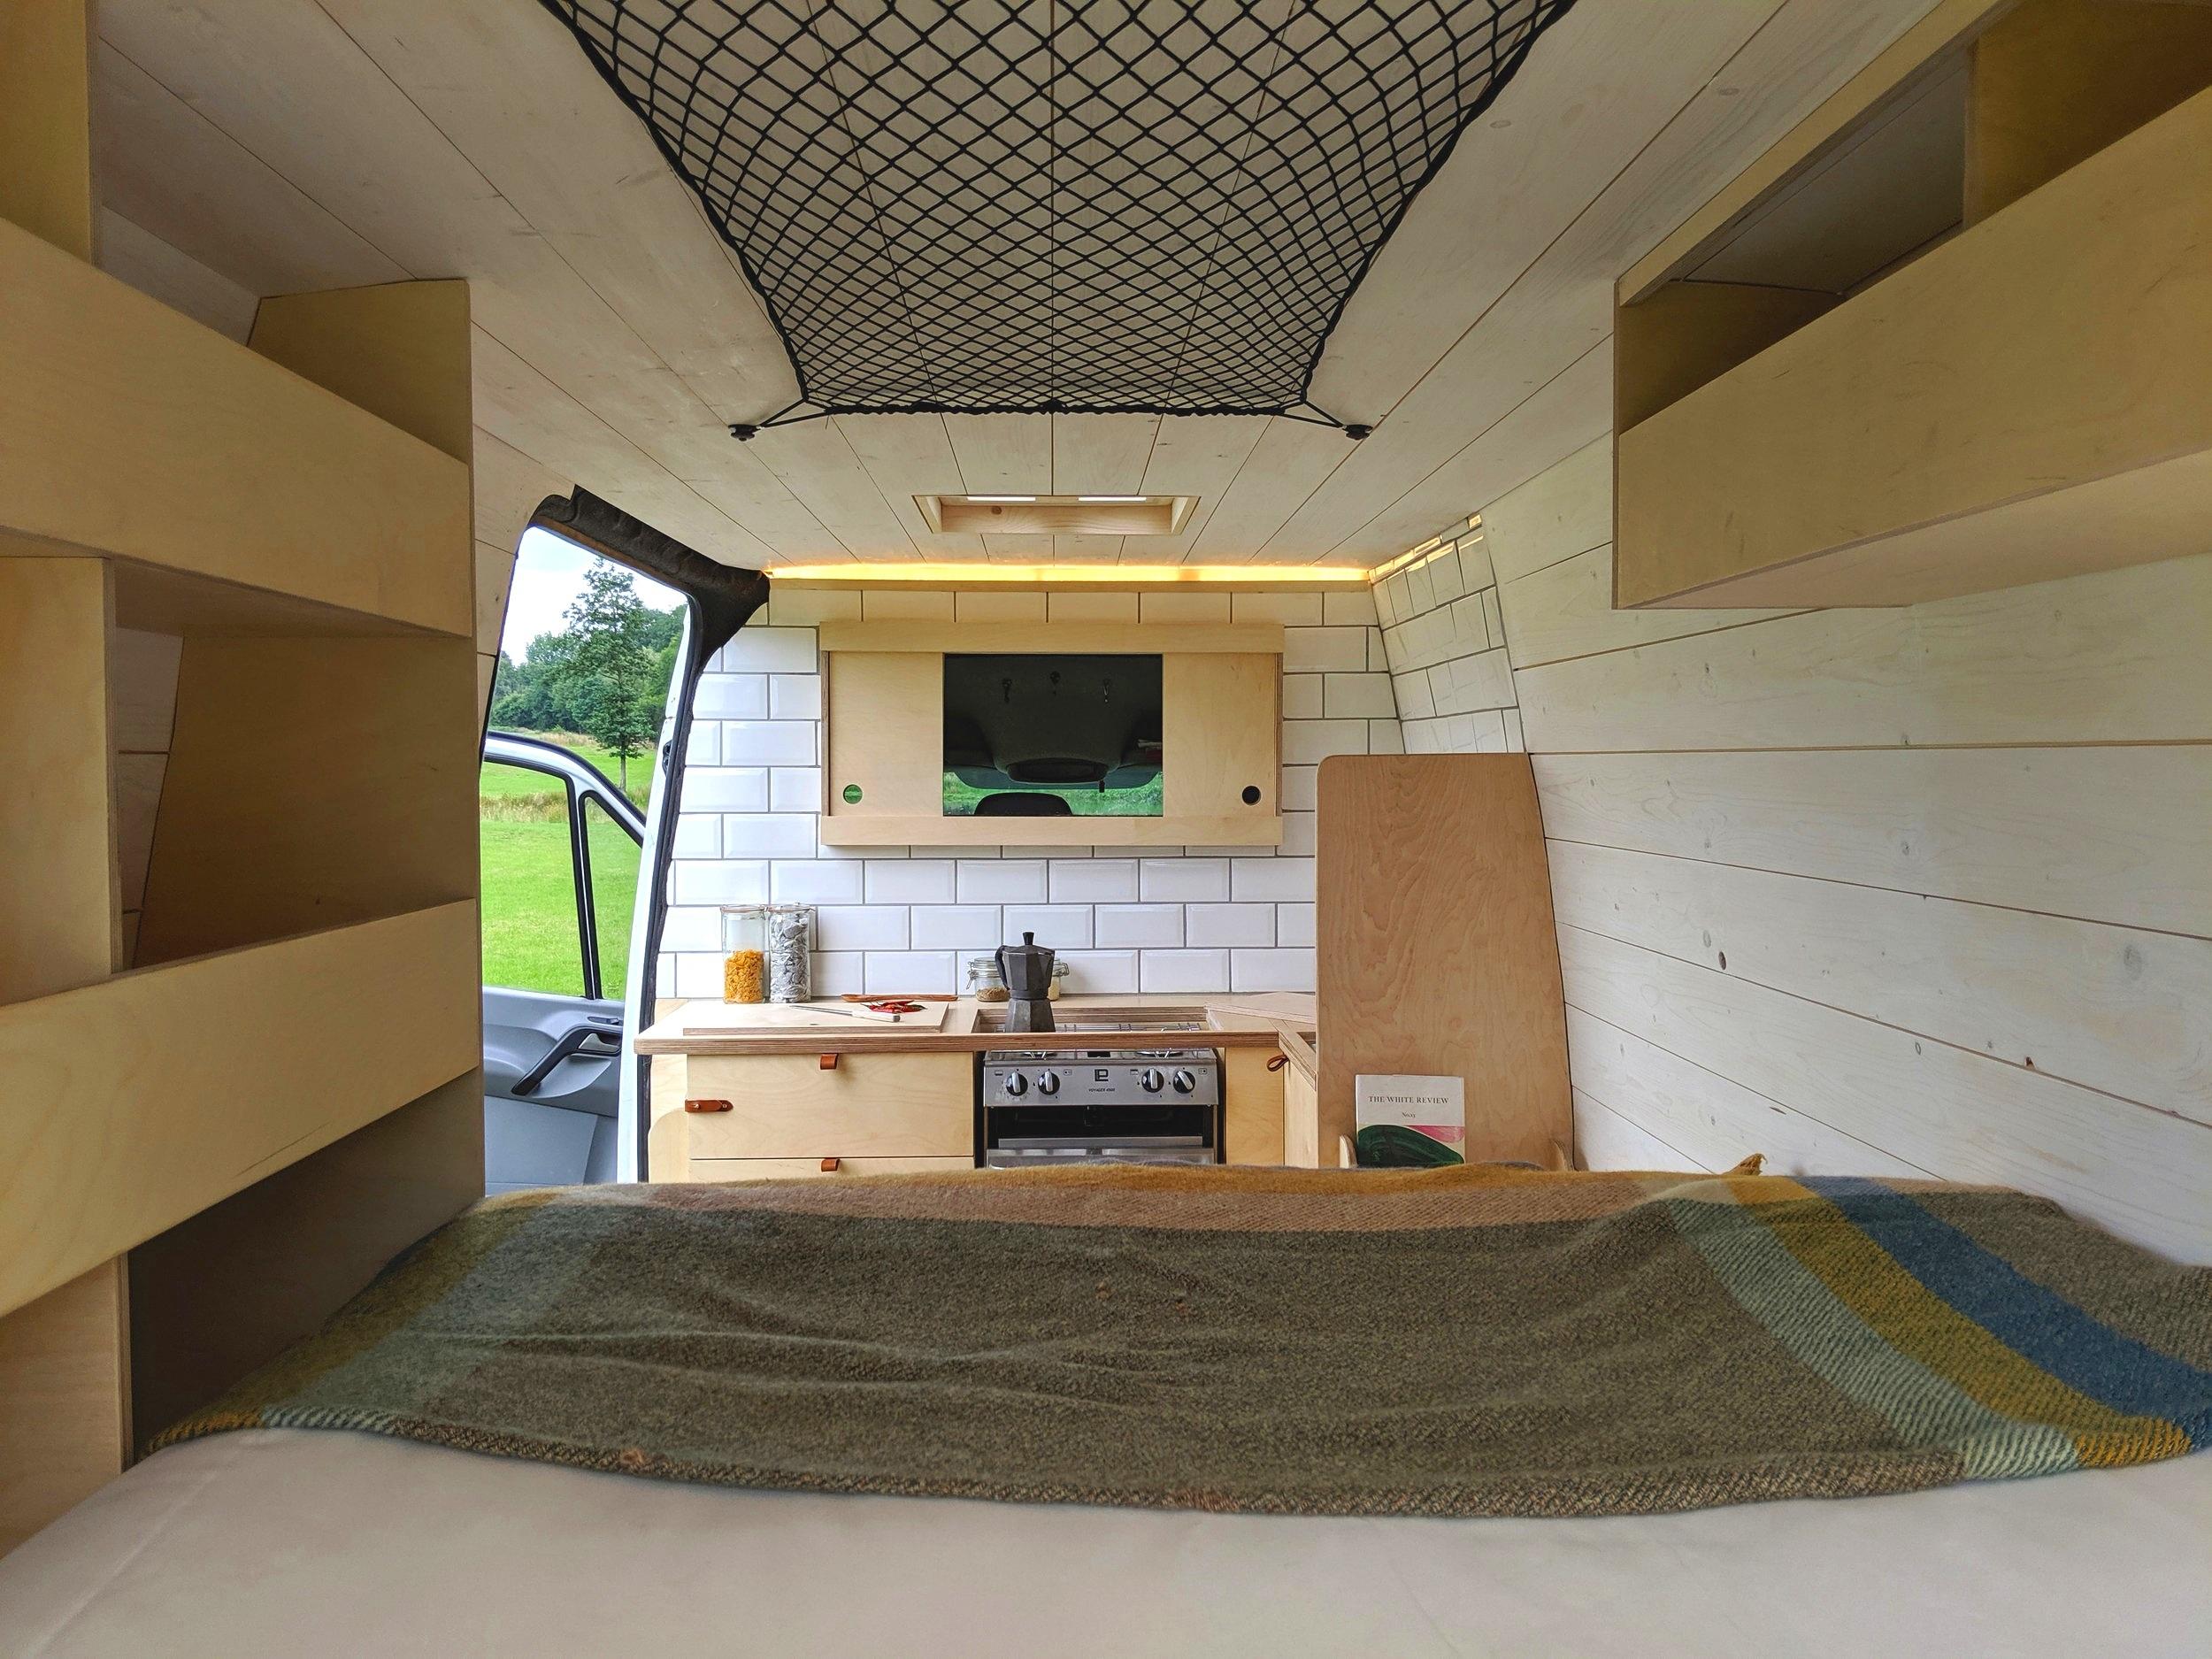 OOOD+van+Kitchen+view